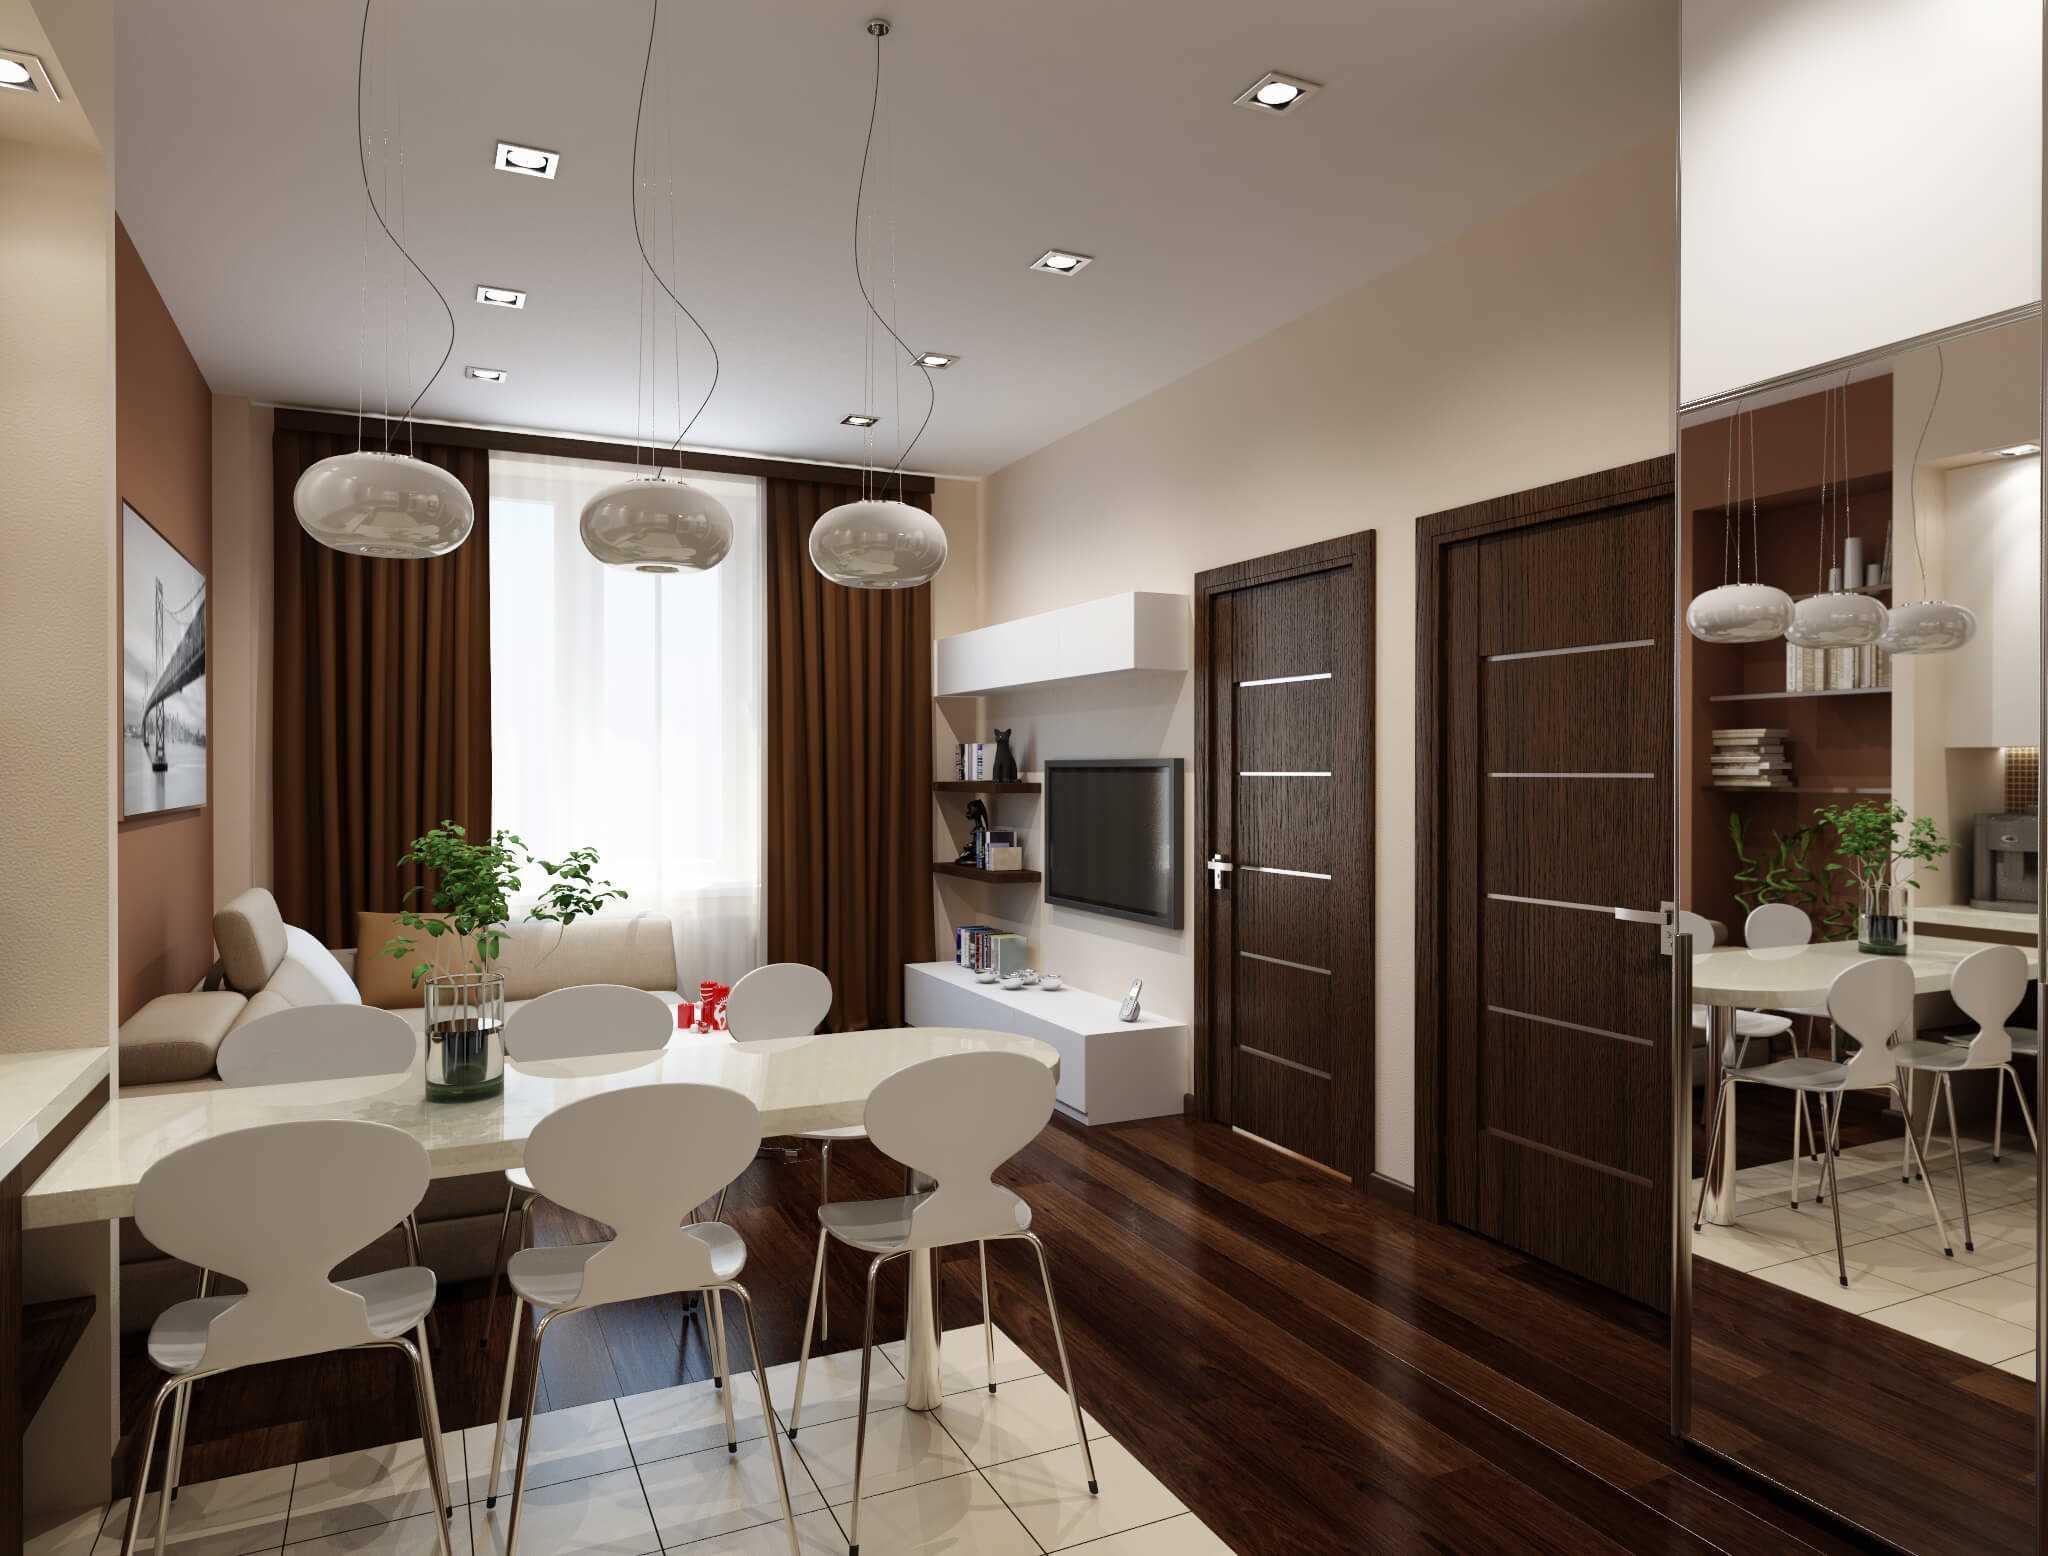 Советы по дизайну двухкомнатной квартиры